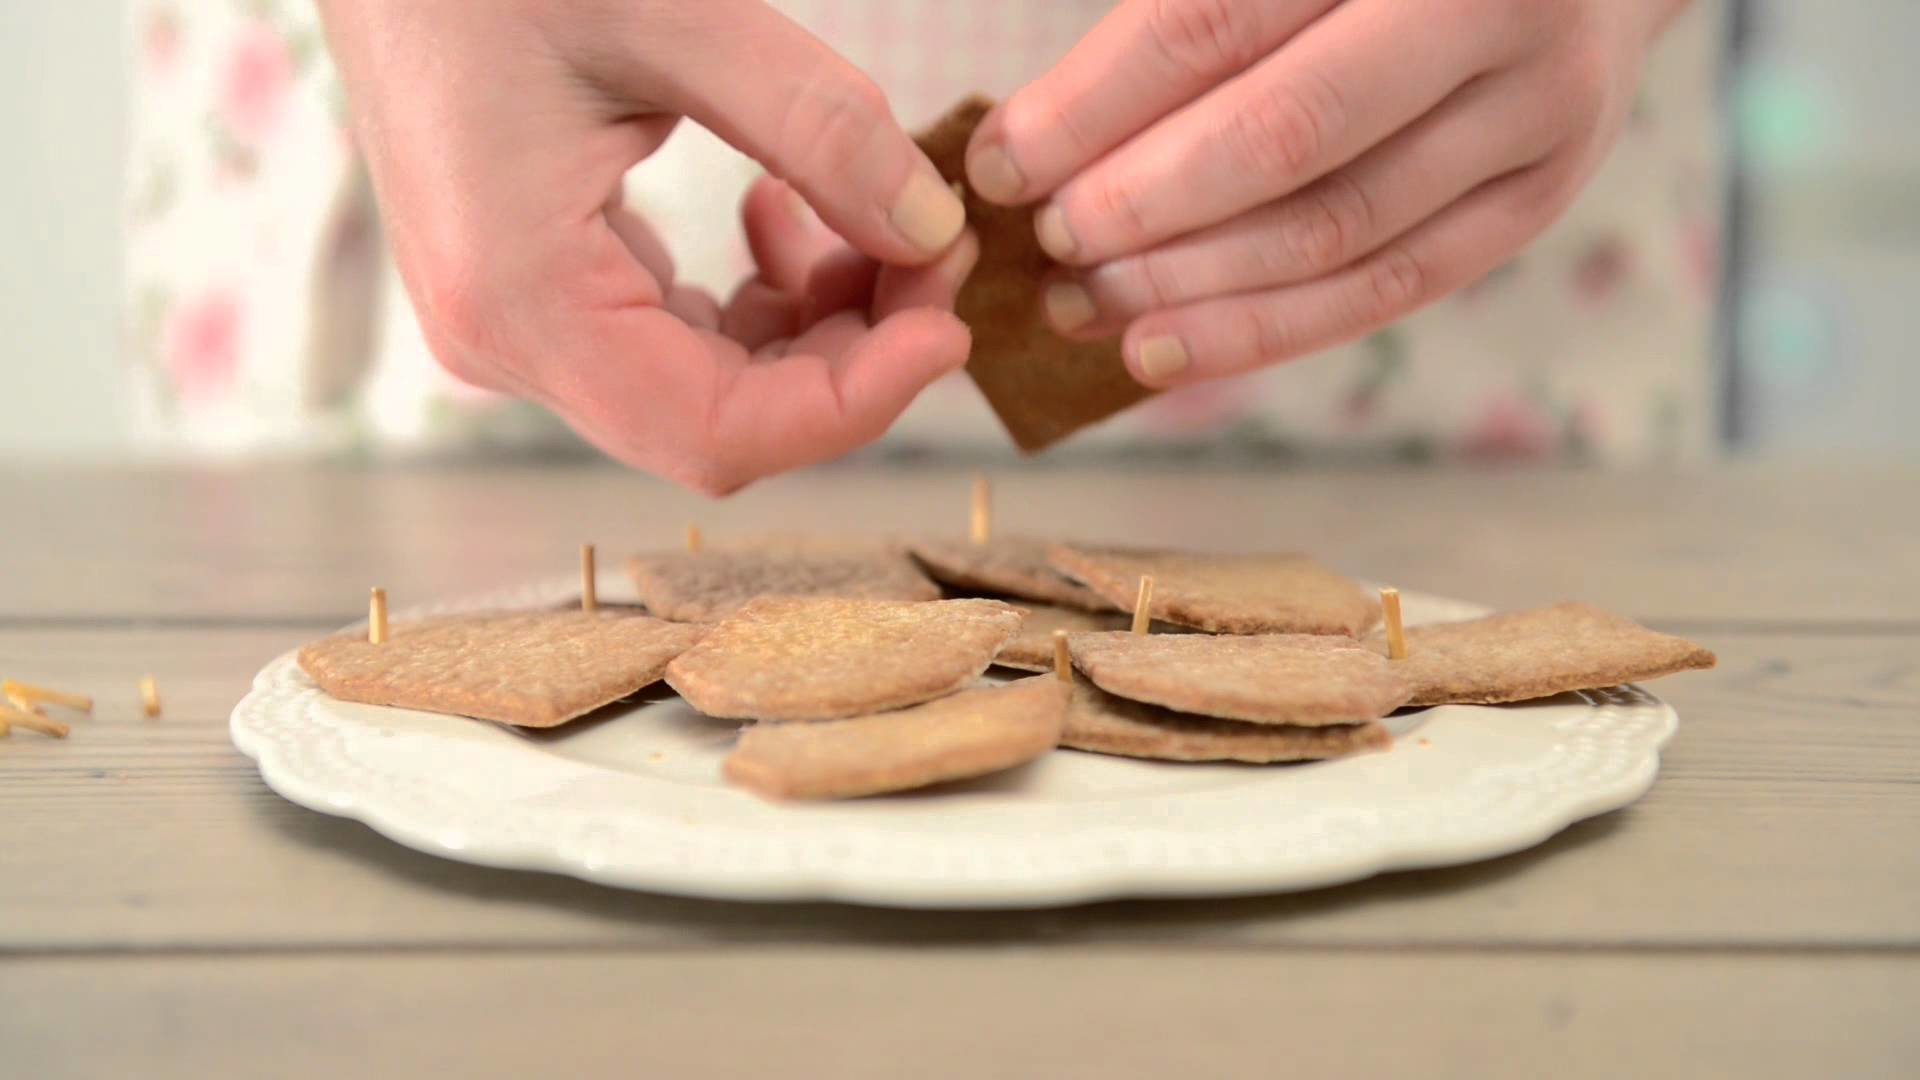 DIY Christmas Decoration - gingerbreads. Bileciki do prezentów - jak zrobić? Tutorial